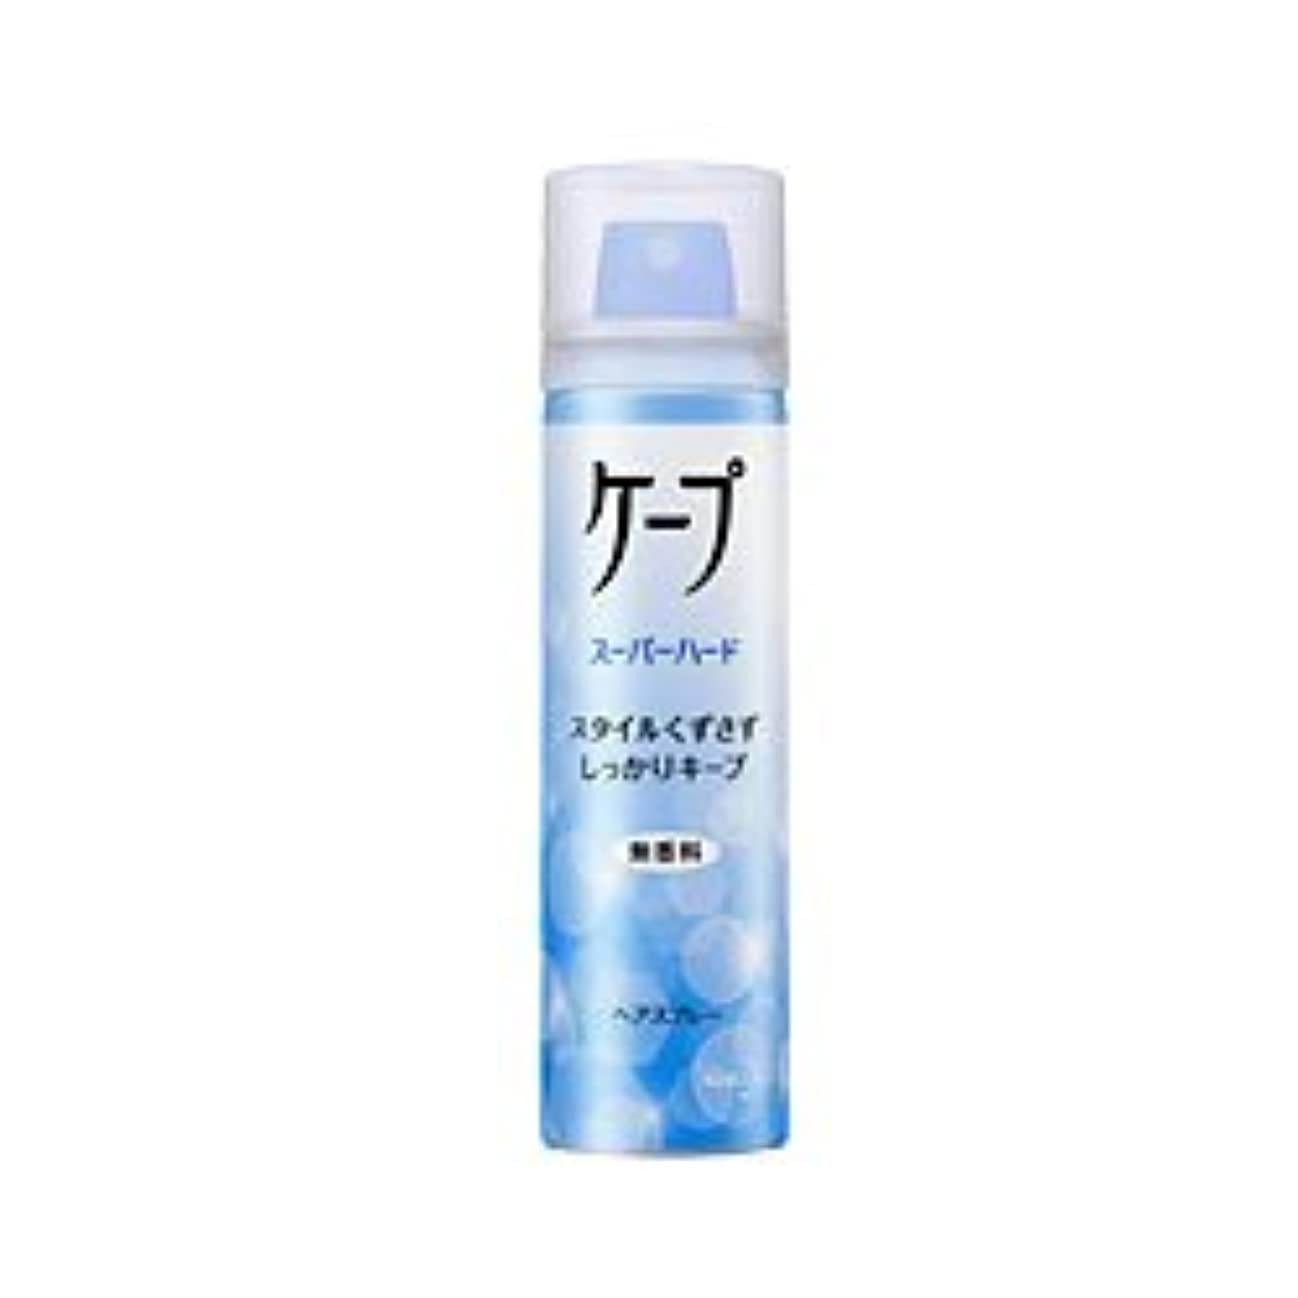 省乳製品ミスペンド【花王】ケープ スーパーハード 無香料 50g ×10個セット